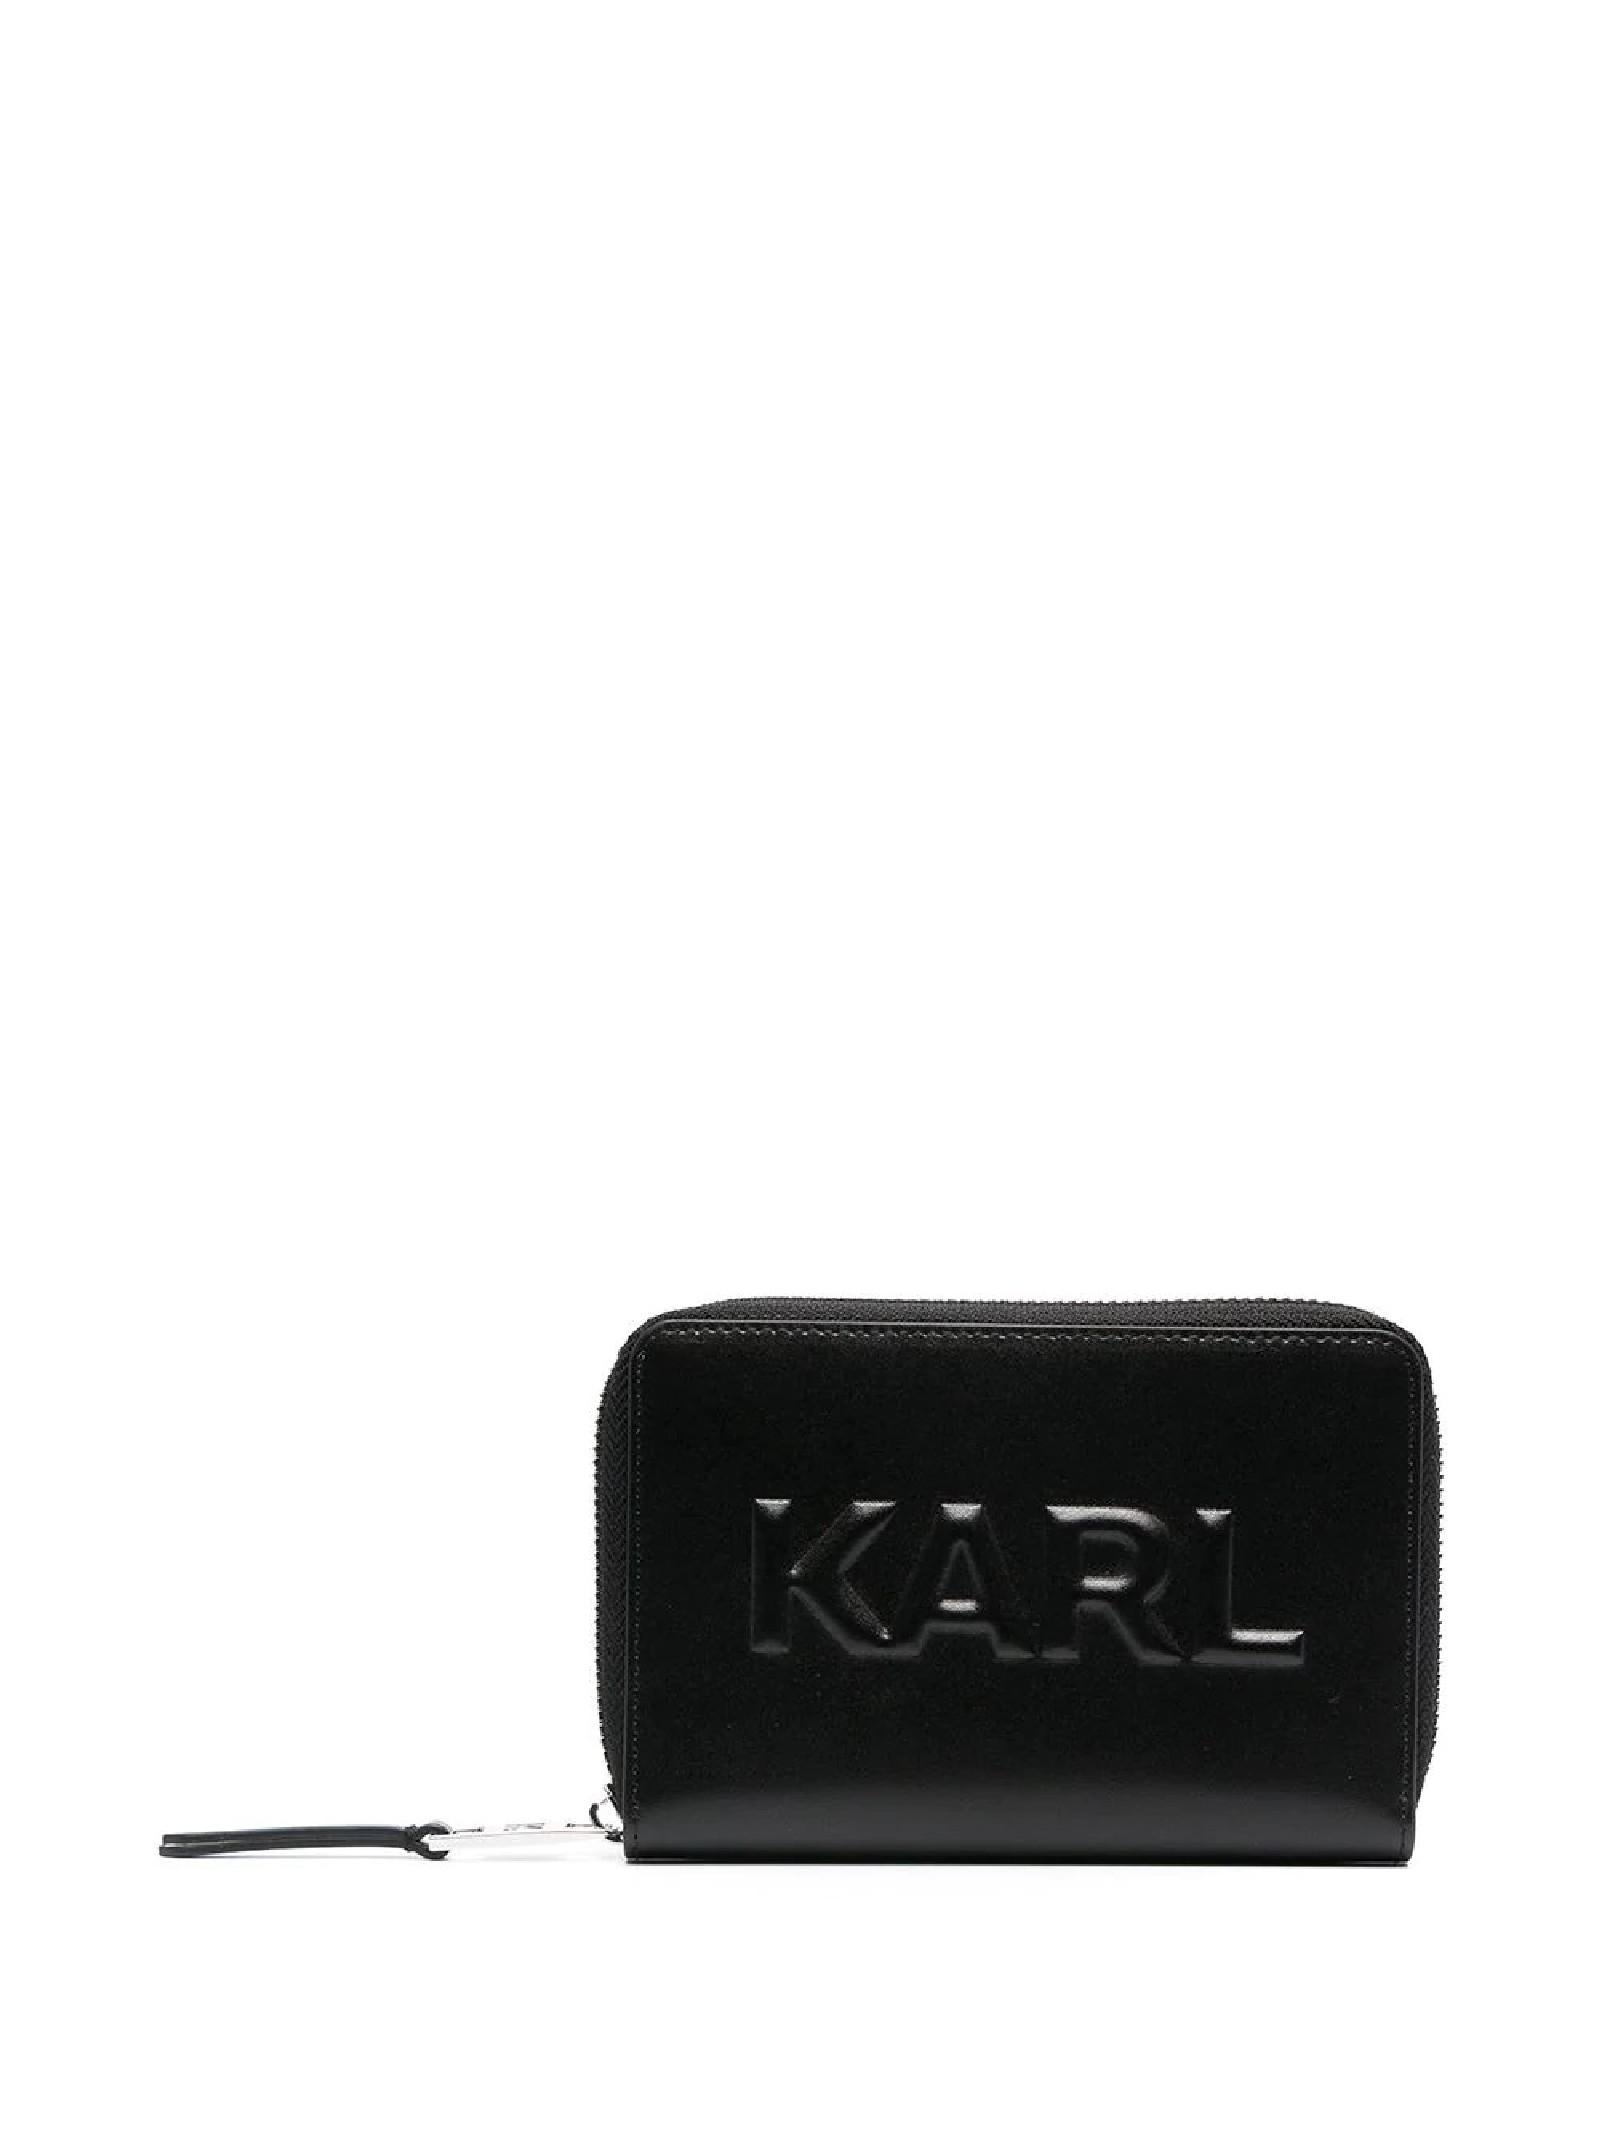 K/KARL SEVEN PORTAFOGLIO MEDIO GOFFRATO KARL LAGERFELD | Portafogli | 211W3217999/A999